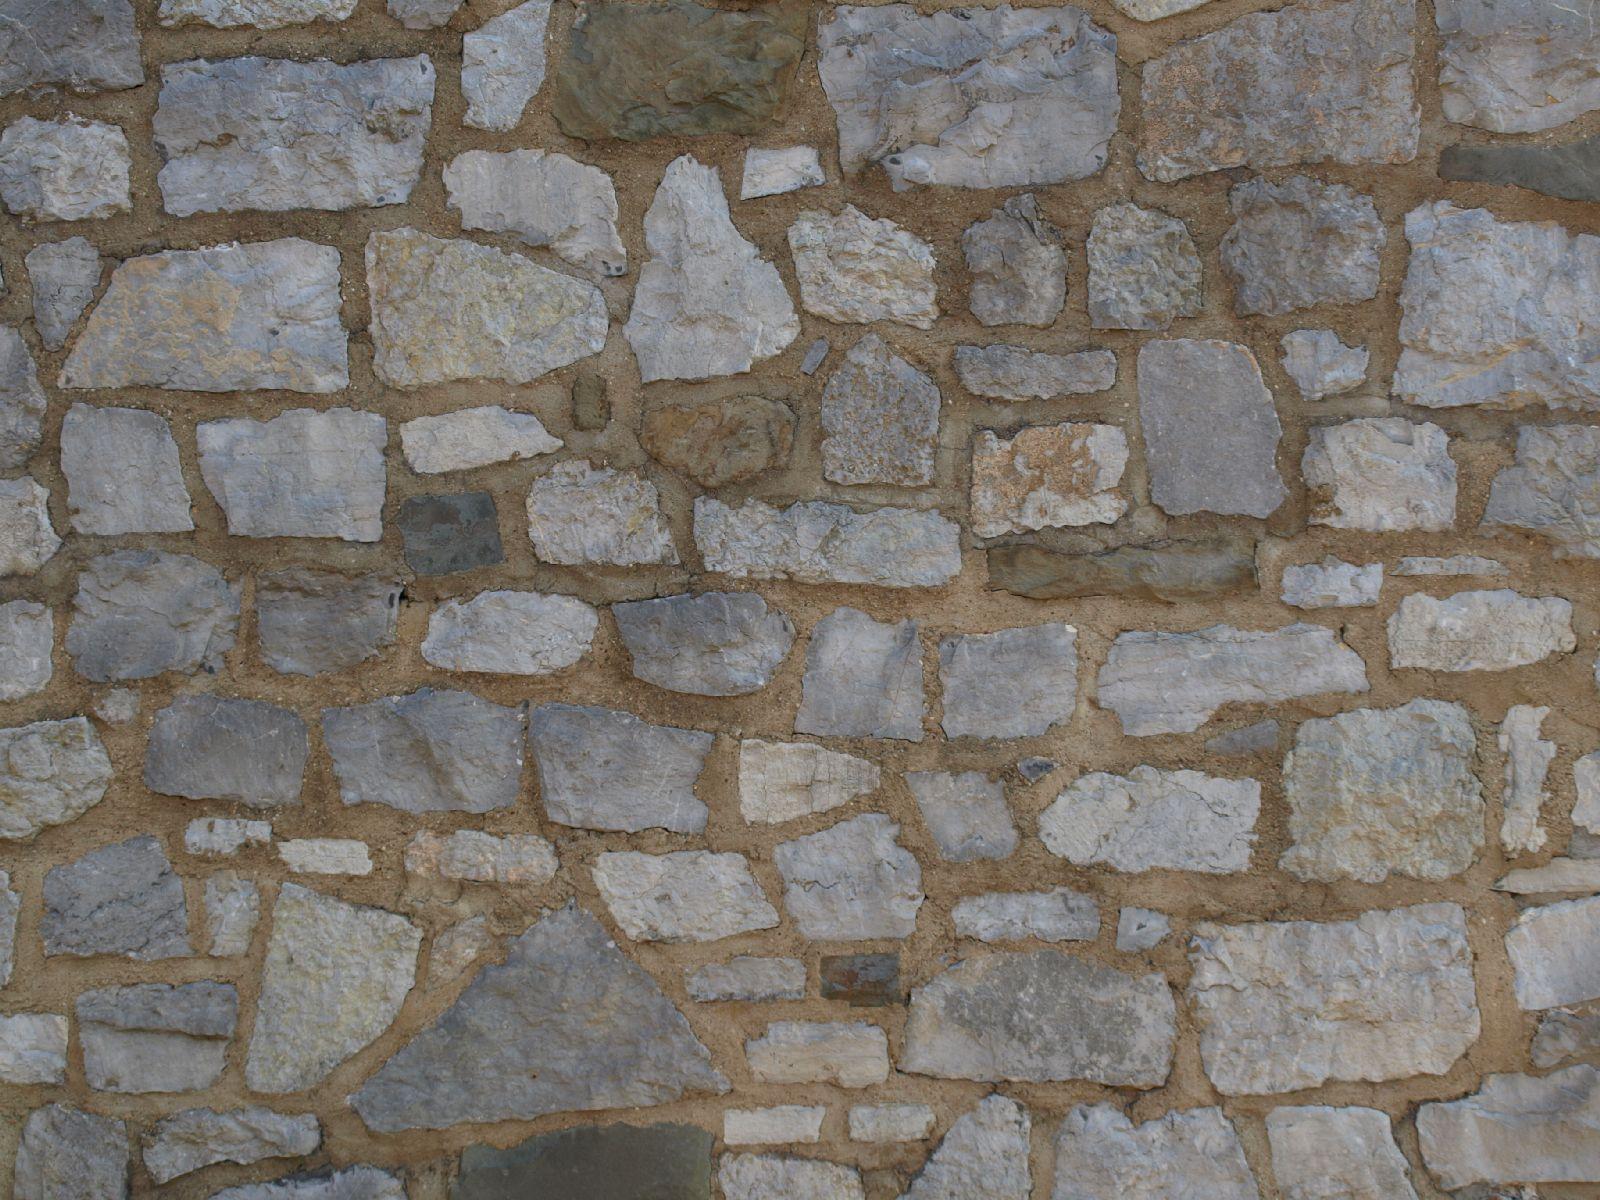 Brick_Texture_A_P6153455